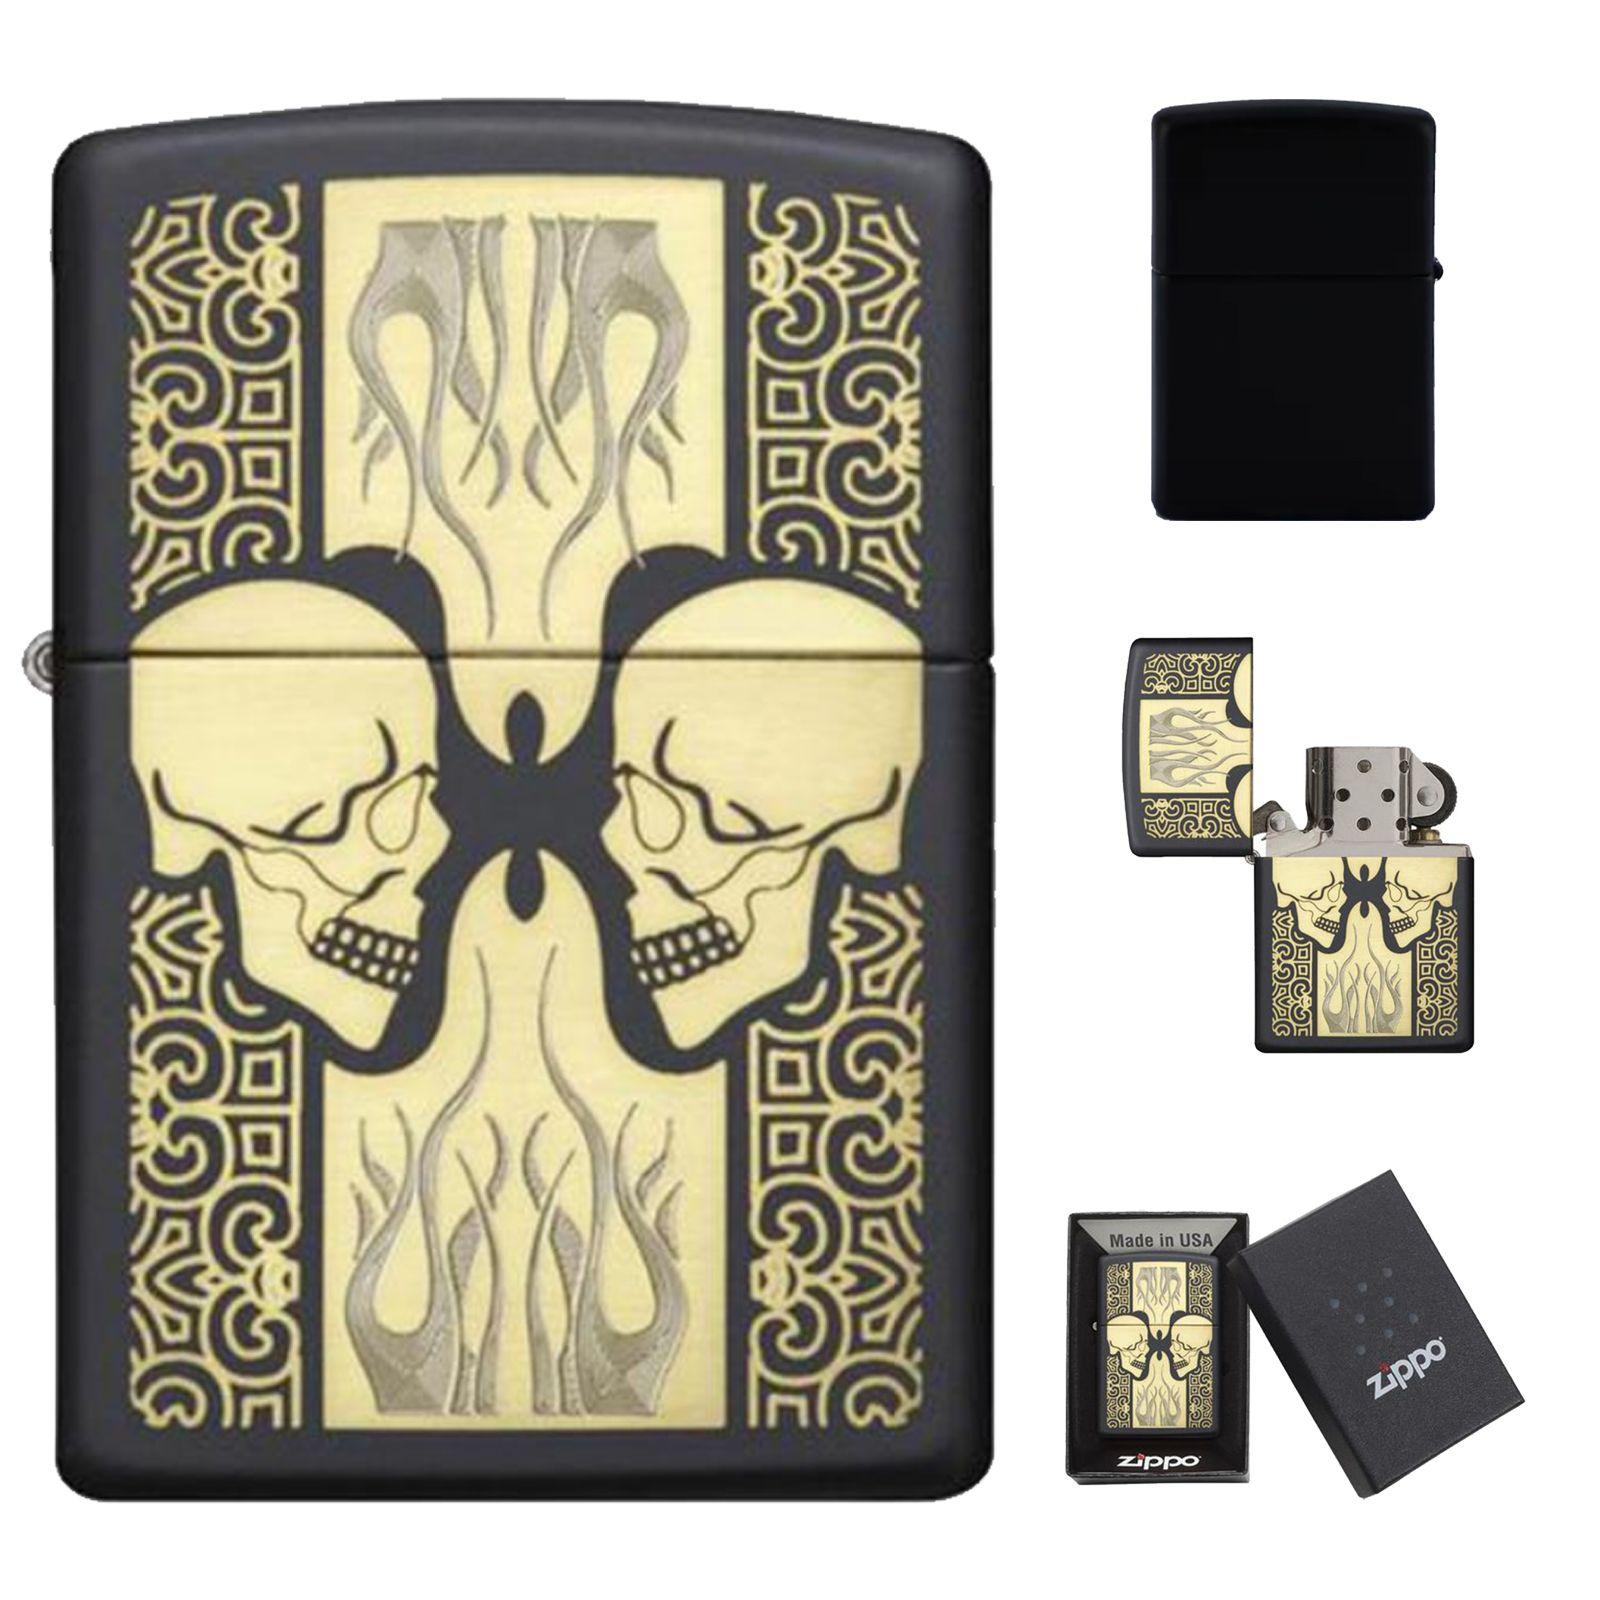 Zippo Lighter 29404 Skull Emblem Gold Armor Black Matt Vintage Windproof Gift Gold Armor Zippo Lighter Skull